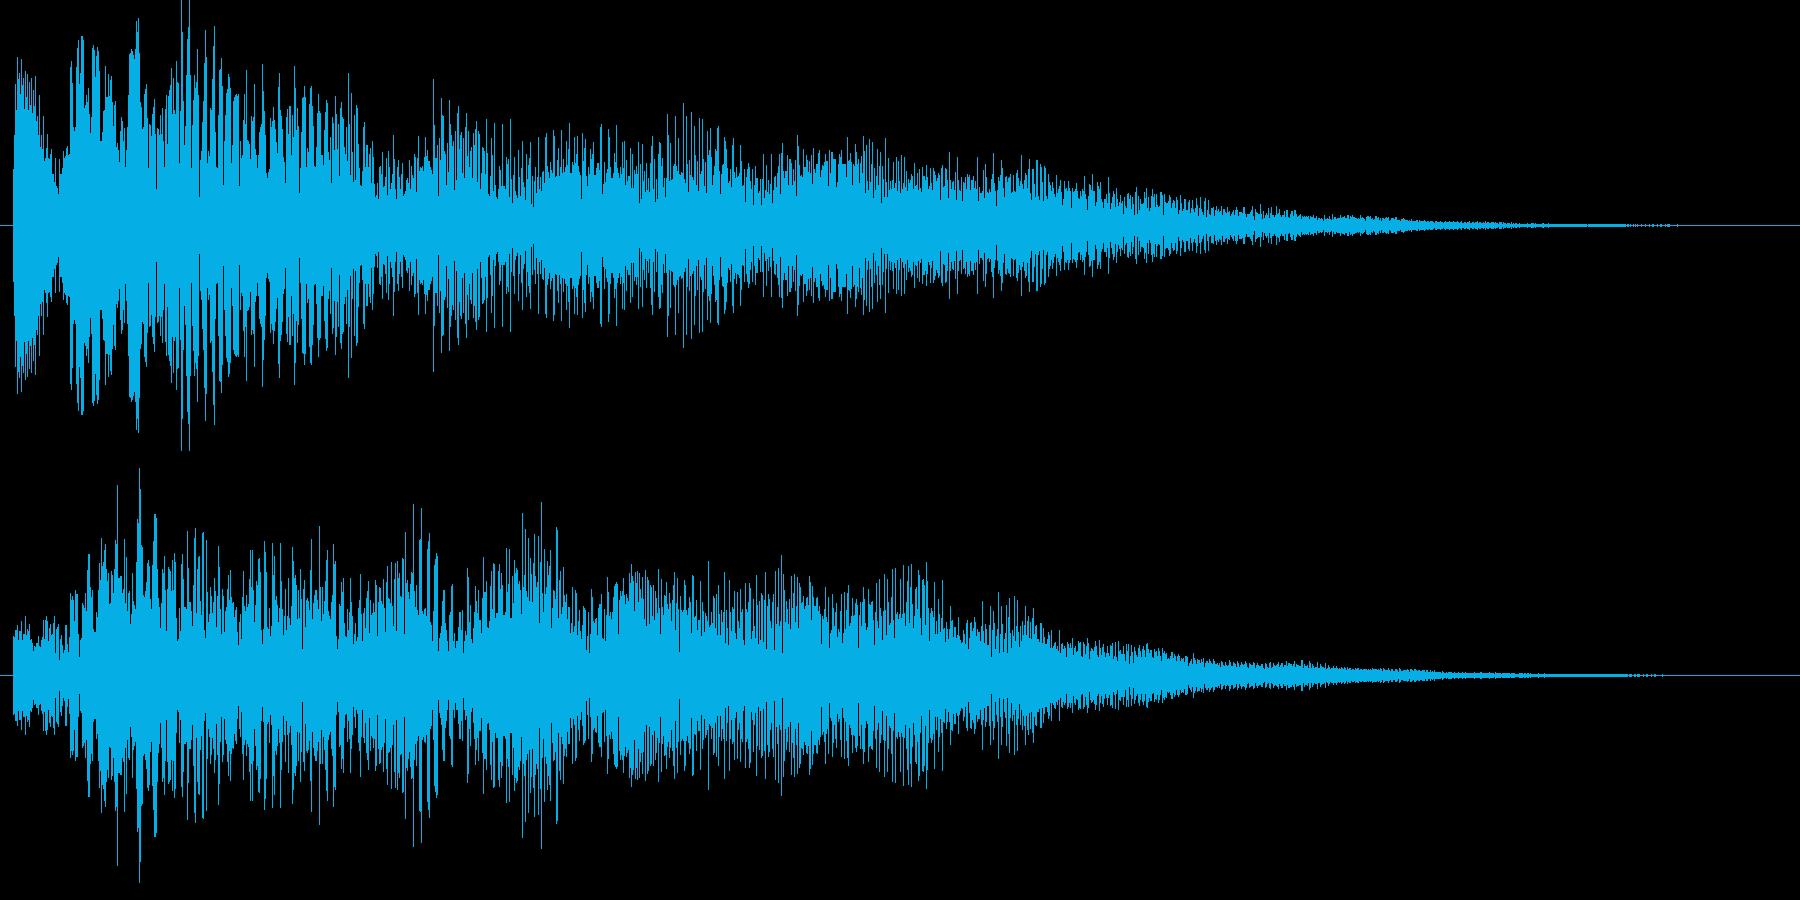 ポロリローン(低音デジタルチャイム)の再生済みの波形